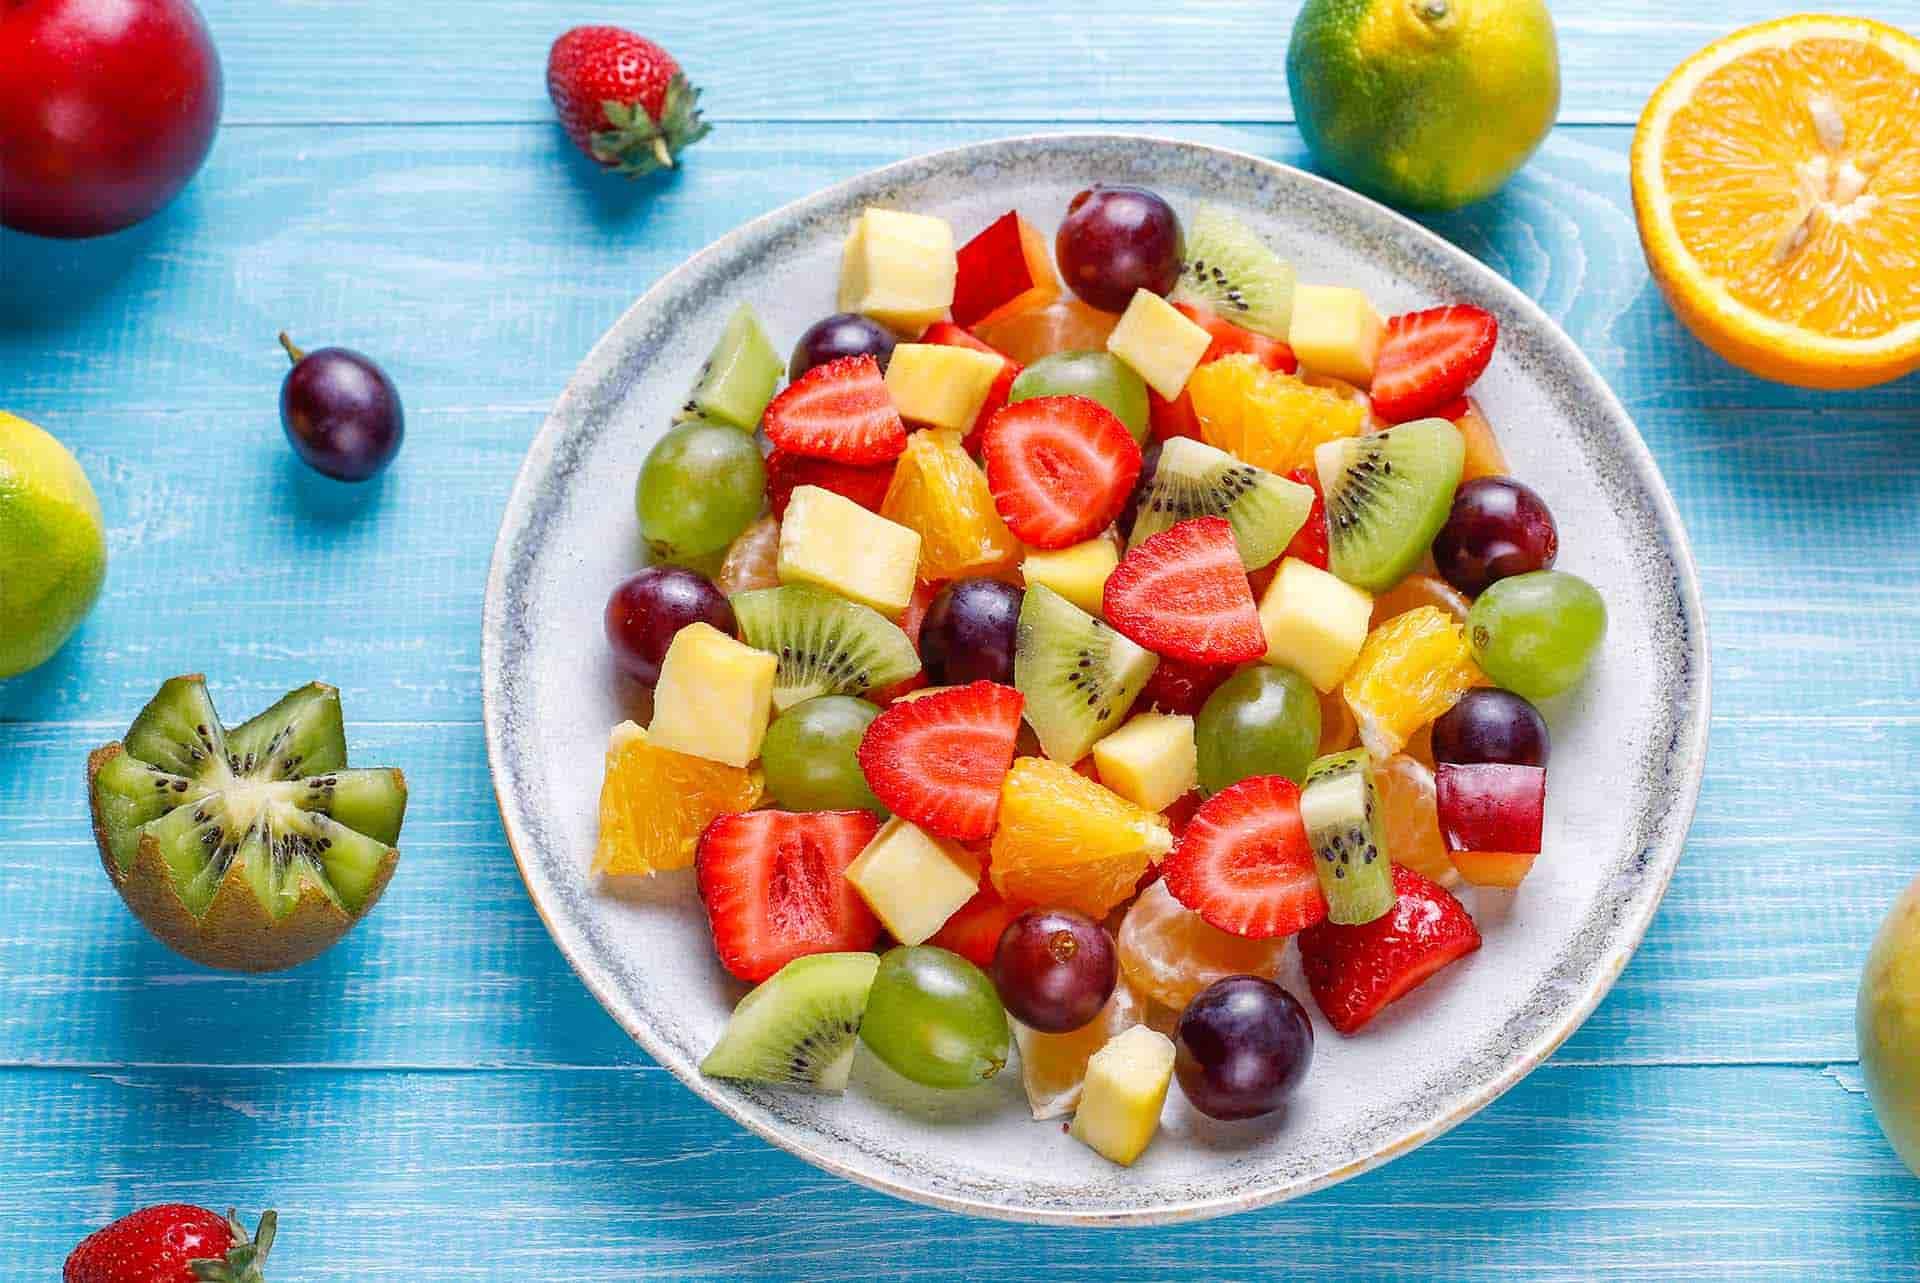 Diyette Meyve Tüketimi Nasıl Olmalı?